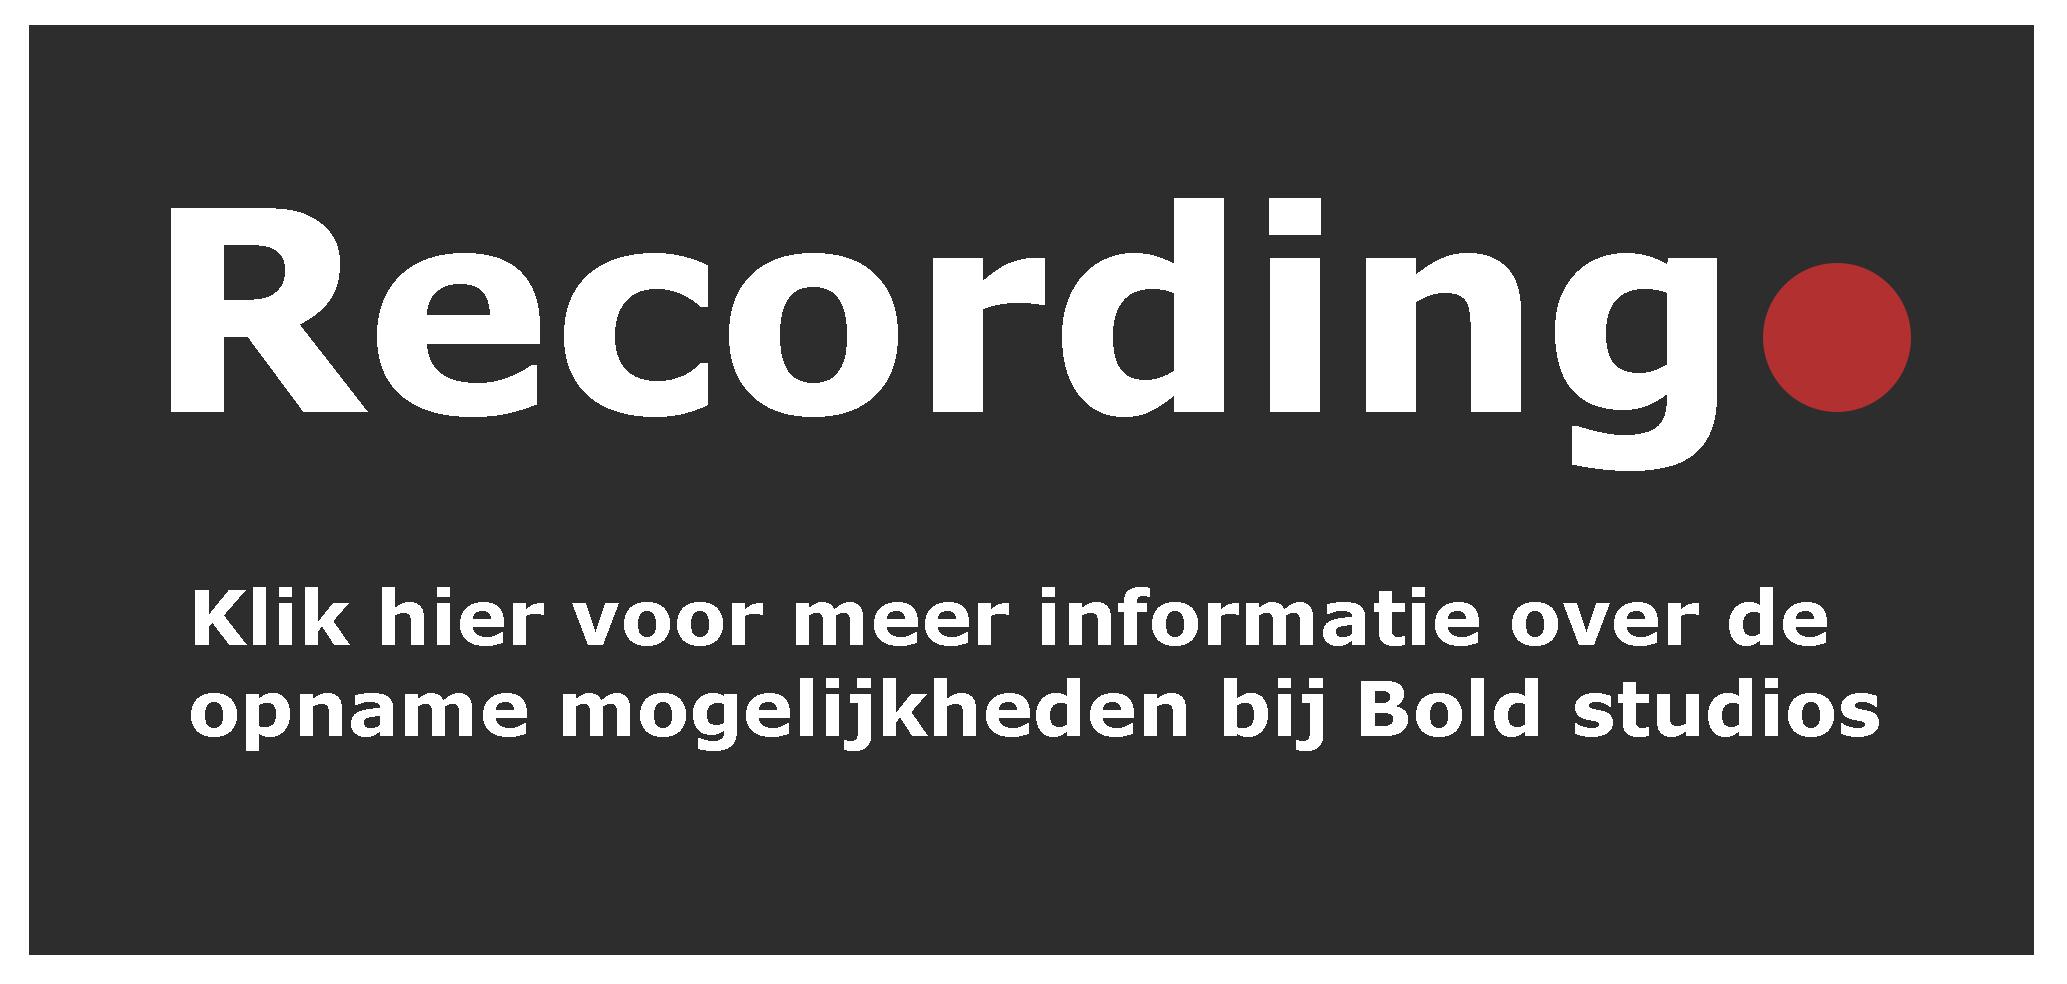 Professionele opname studio in Amersfoort, Mixen, Masteren, Recording. Ook als repetitie ruimte te huur.